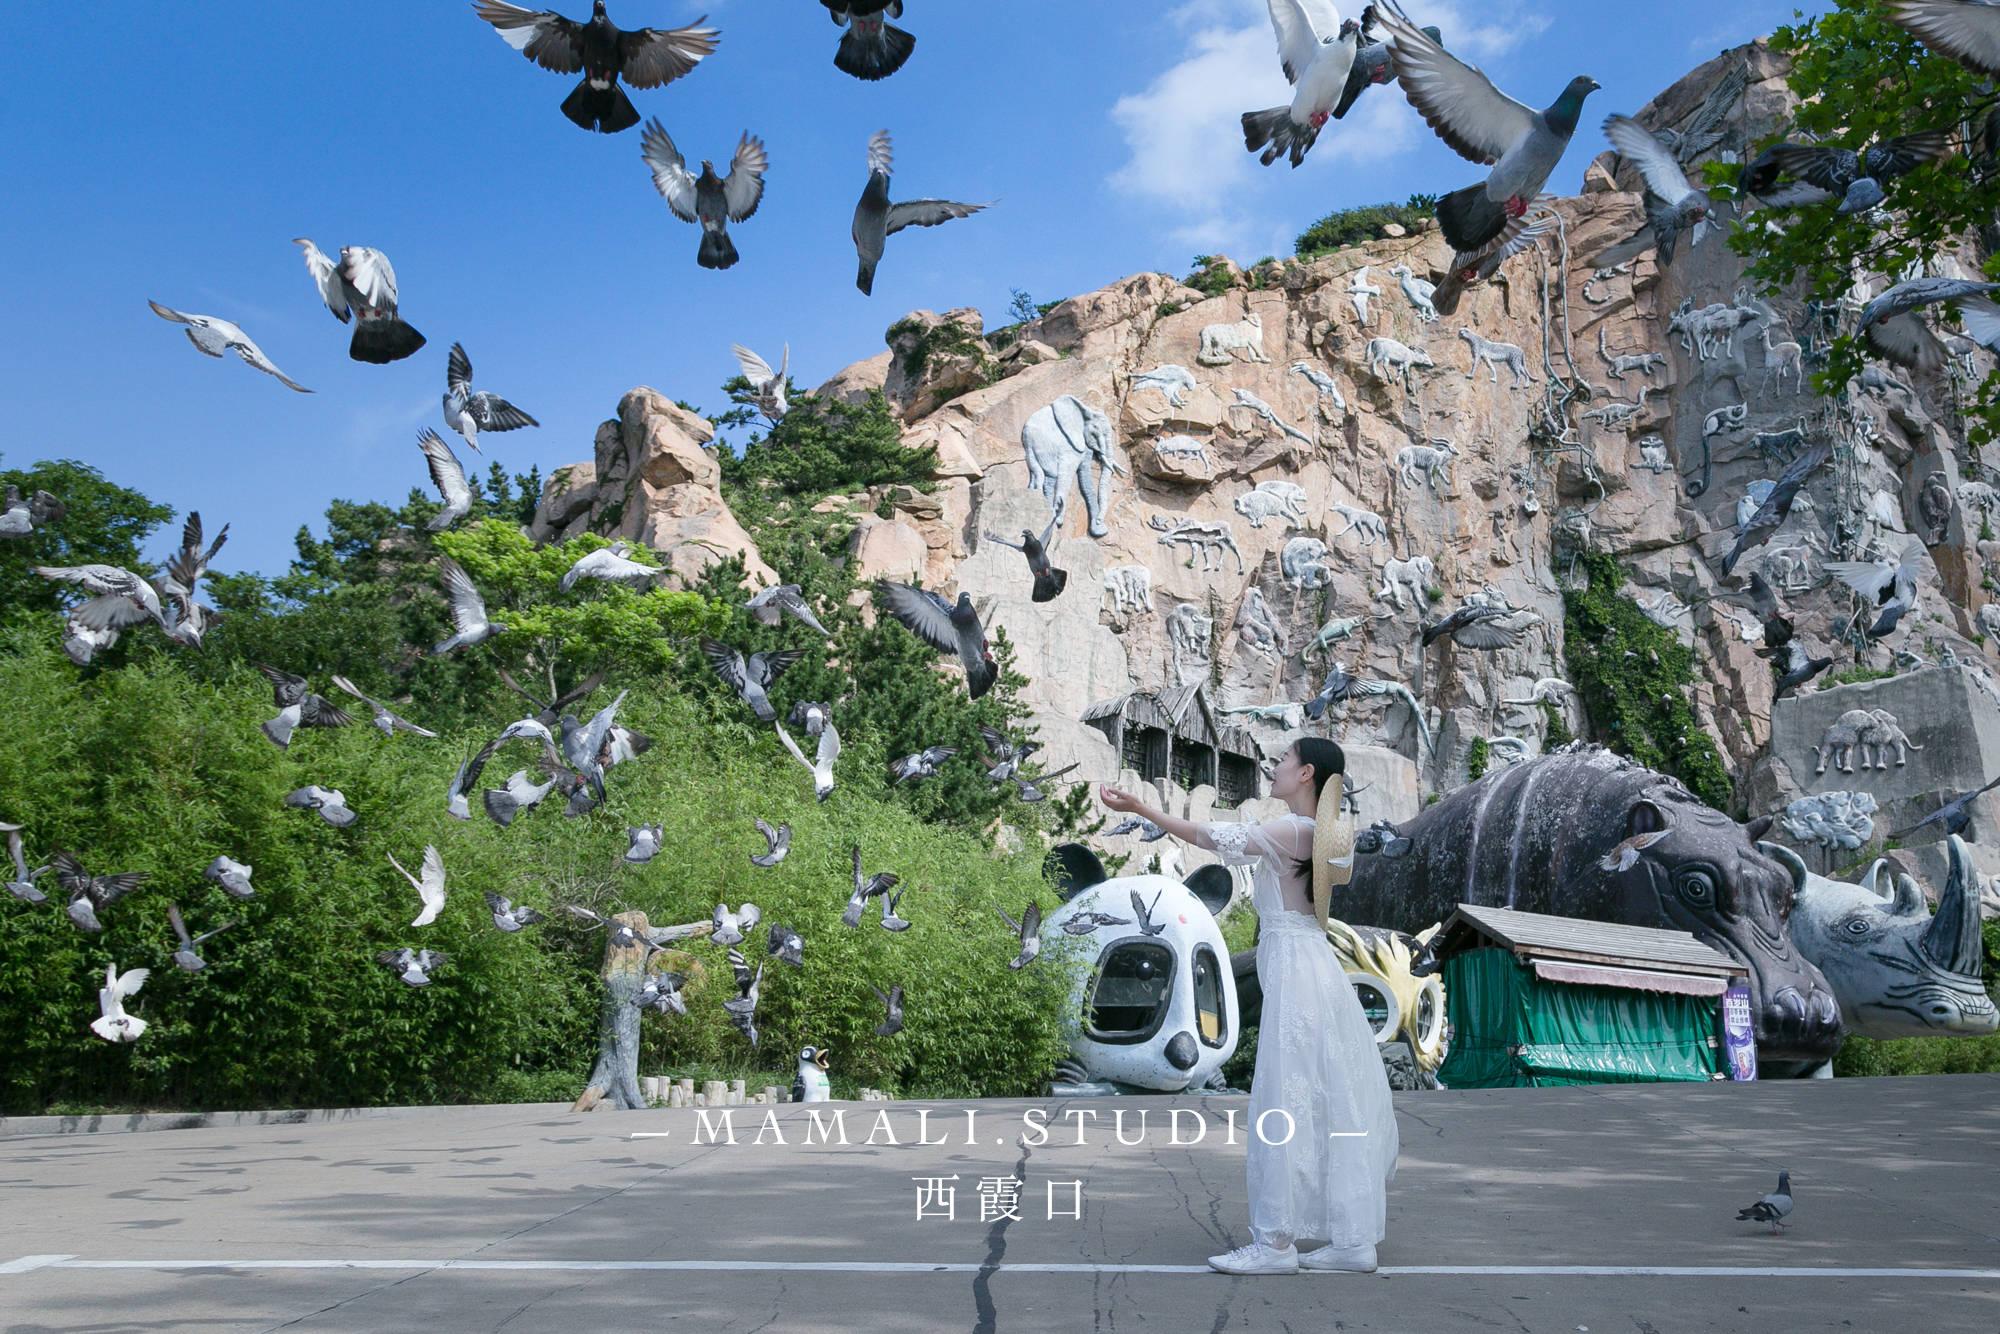 原创 隐秘又美好,去西霞口旅行,做十件幸福的小事